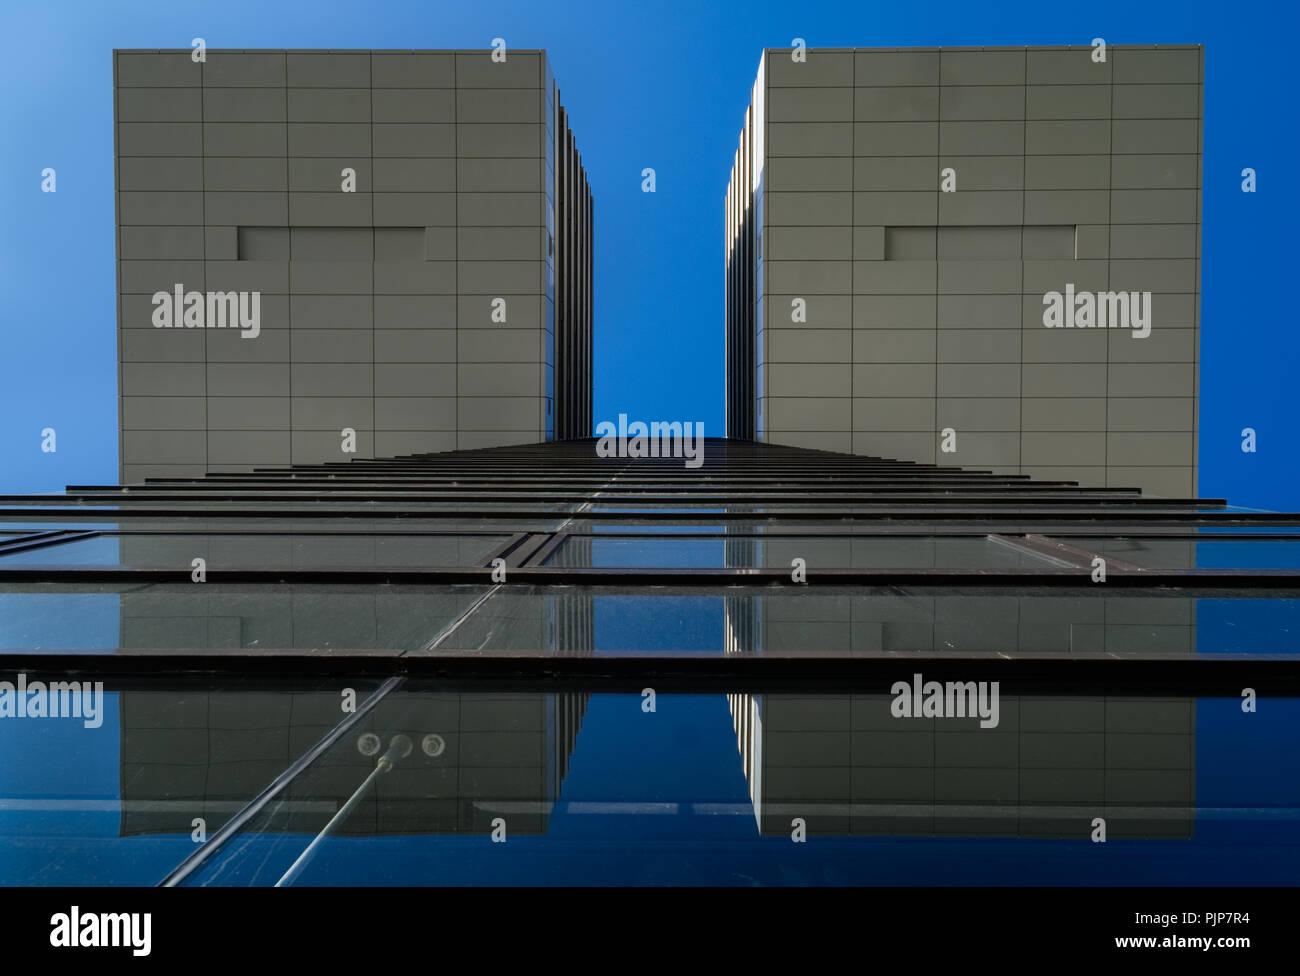 Kranhaus von unten - Cranehouse Crane House Cologen Köln Germany Architecture glass - Stock Image